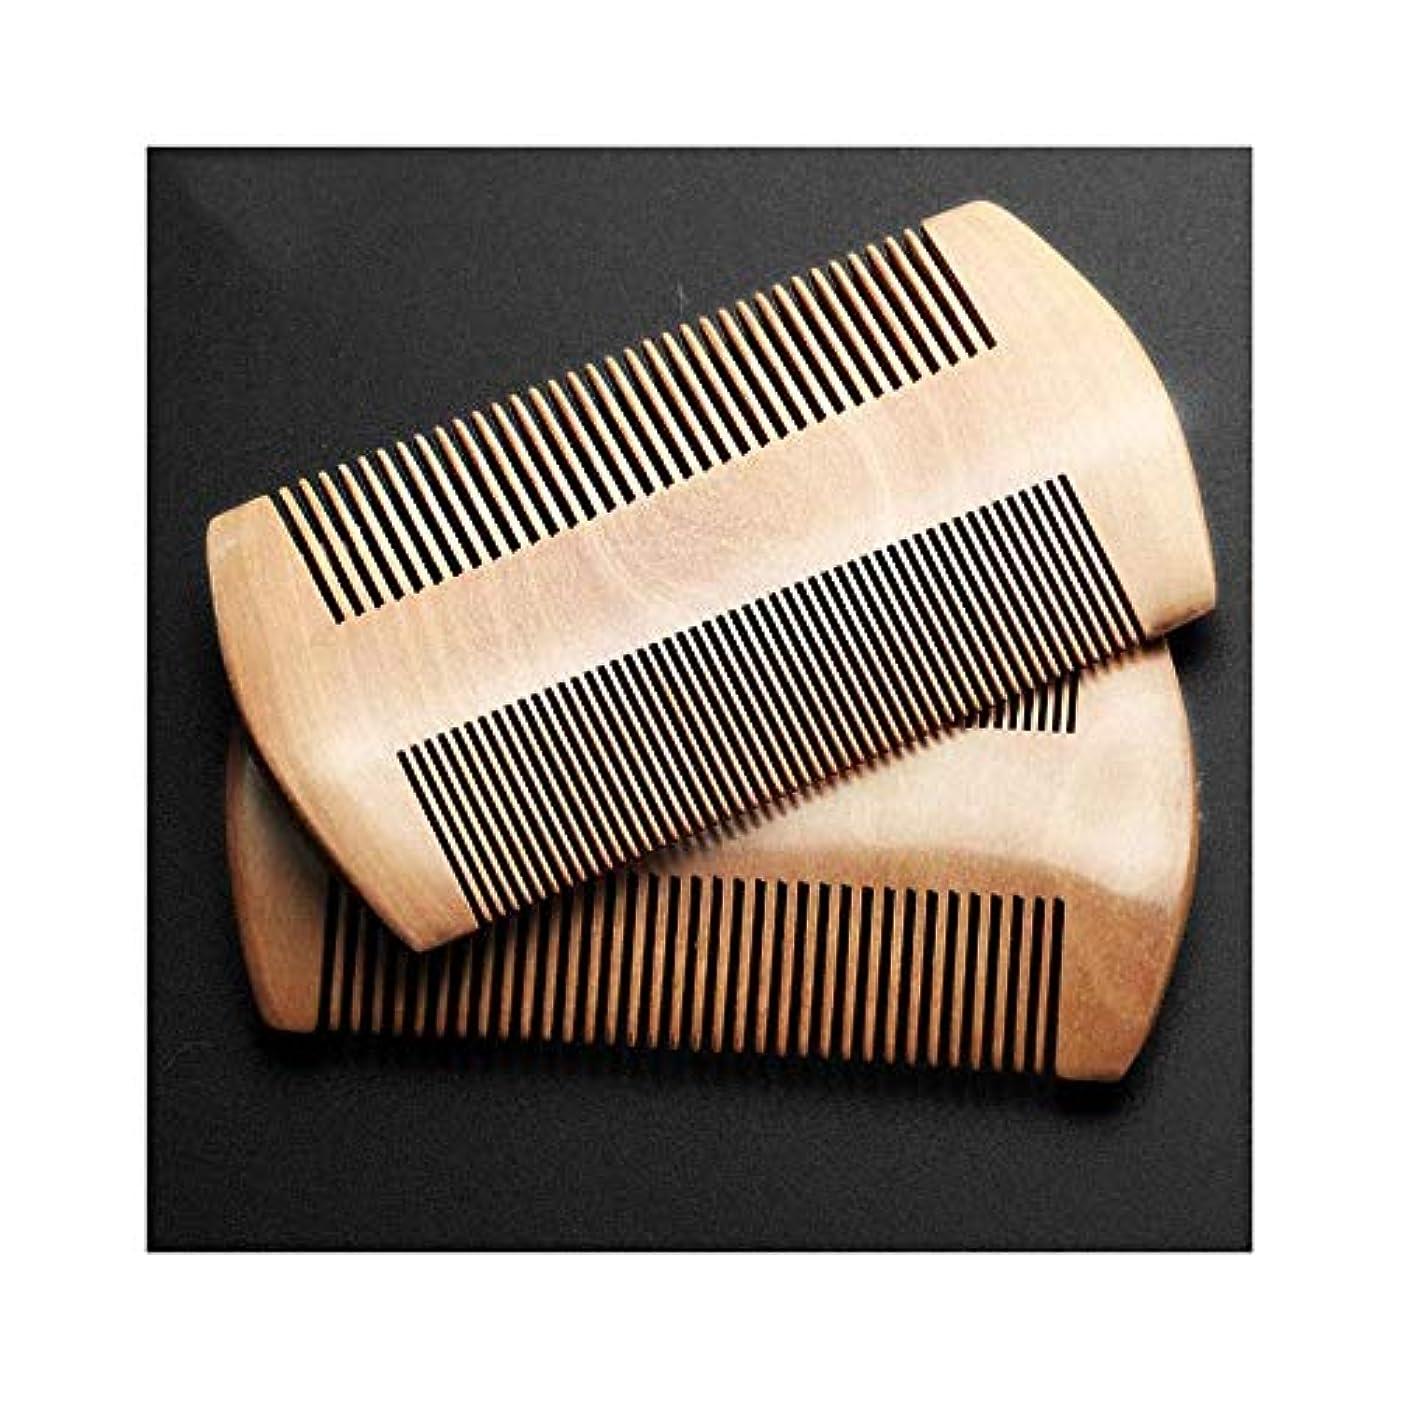 対角線バケットフェッチWASAIO 木のひげの櫛の反静的な口ひげのポケットの櫛のクルミは女性および人のために木製にブラシをかけます